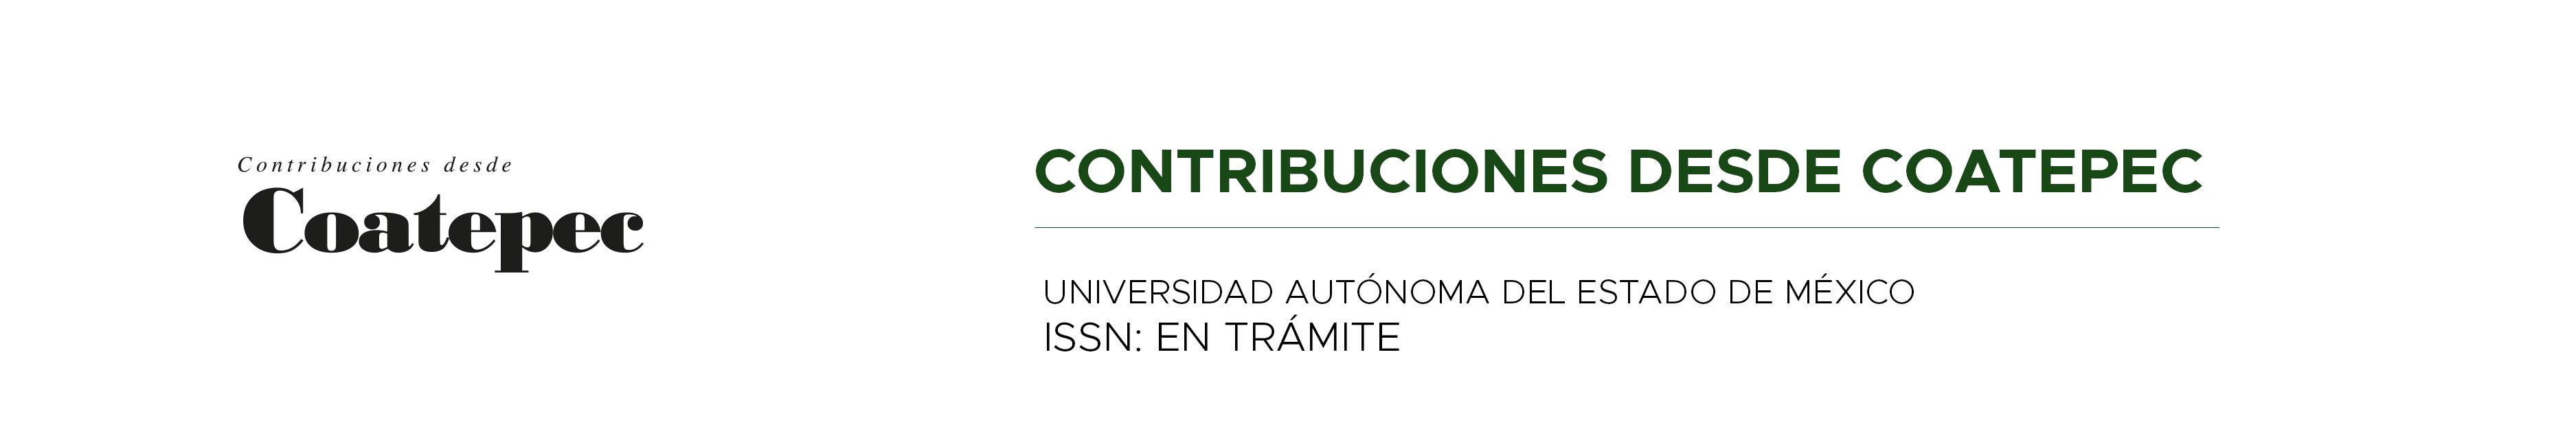 Envíos | Contribuciones desde Coatepec